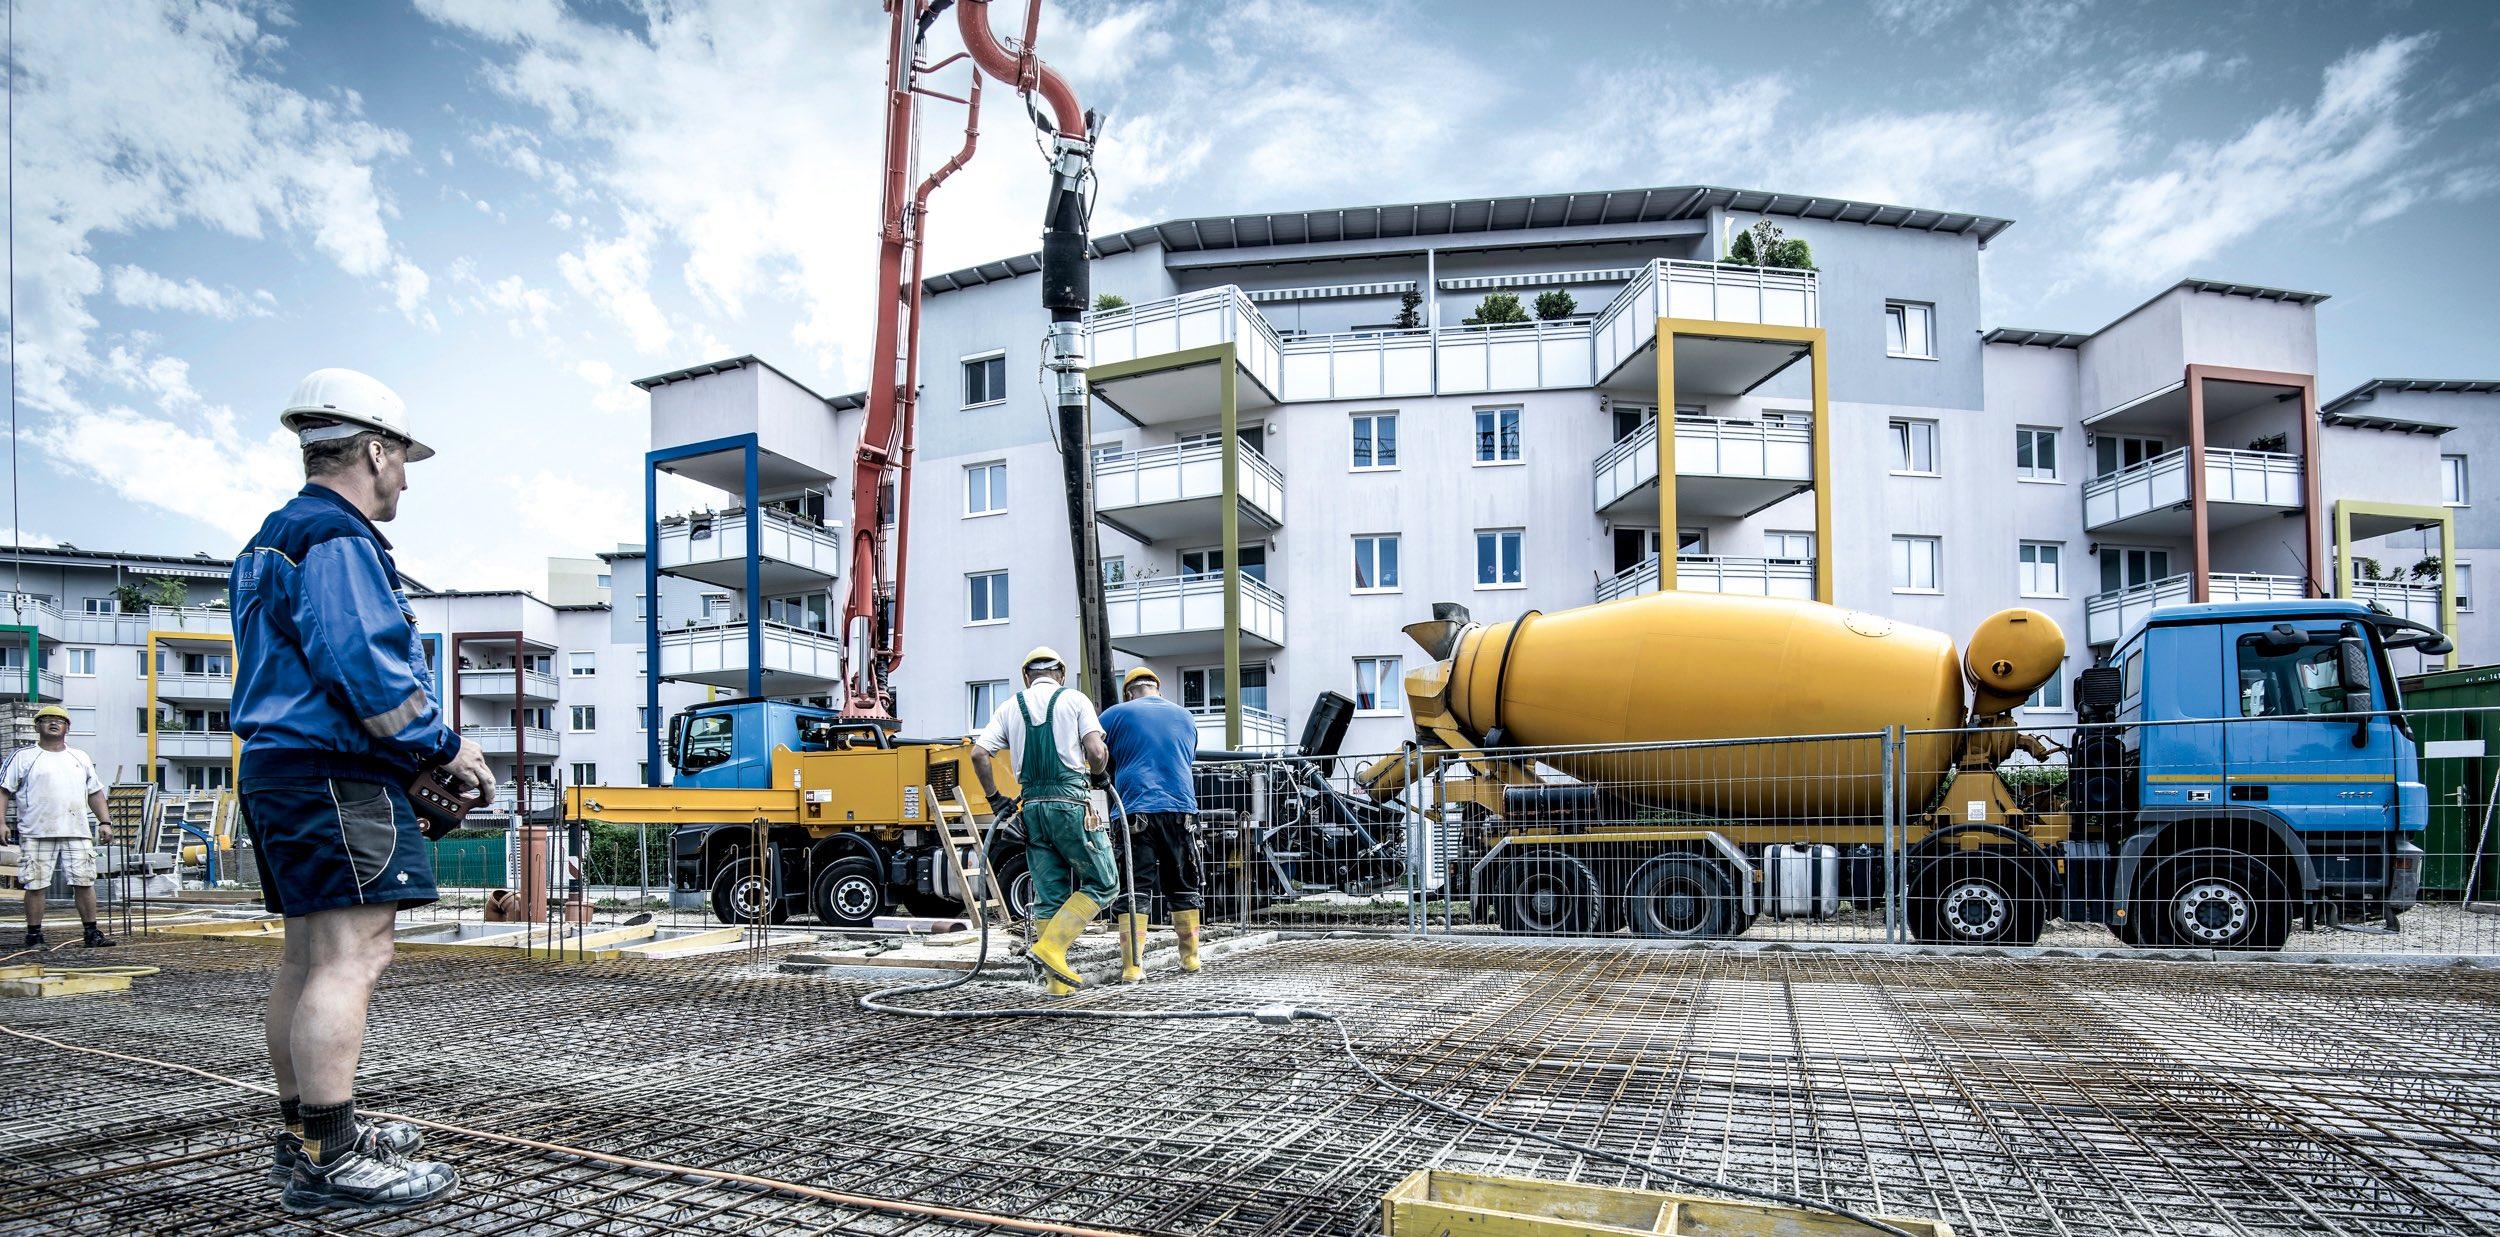 Betonpumpe fördert Transportbeton auf eine Baustelle, auf der eine Fundamentplatte betoniert wird